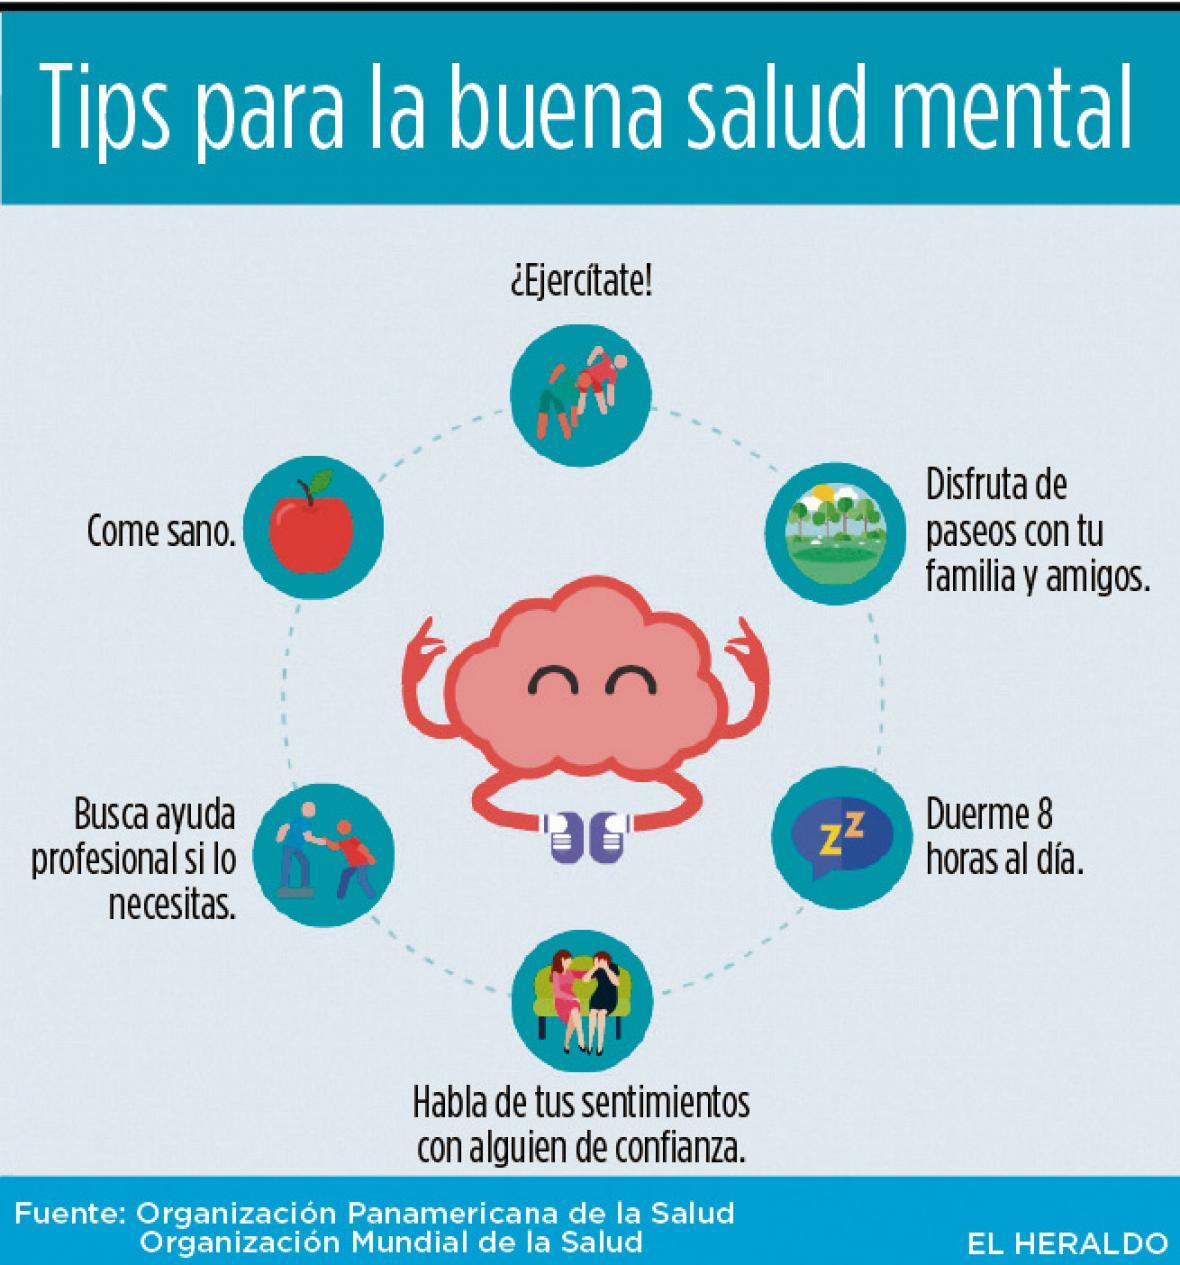 Más de 2 millones de mexicanos padecen depresión: UNAM